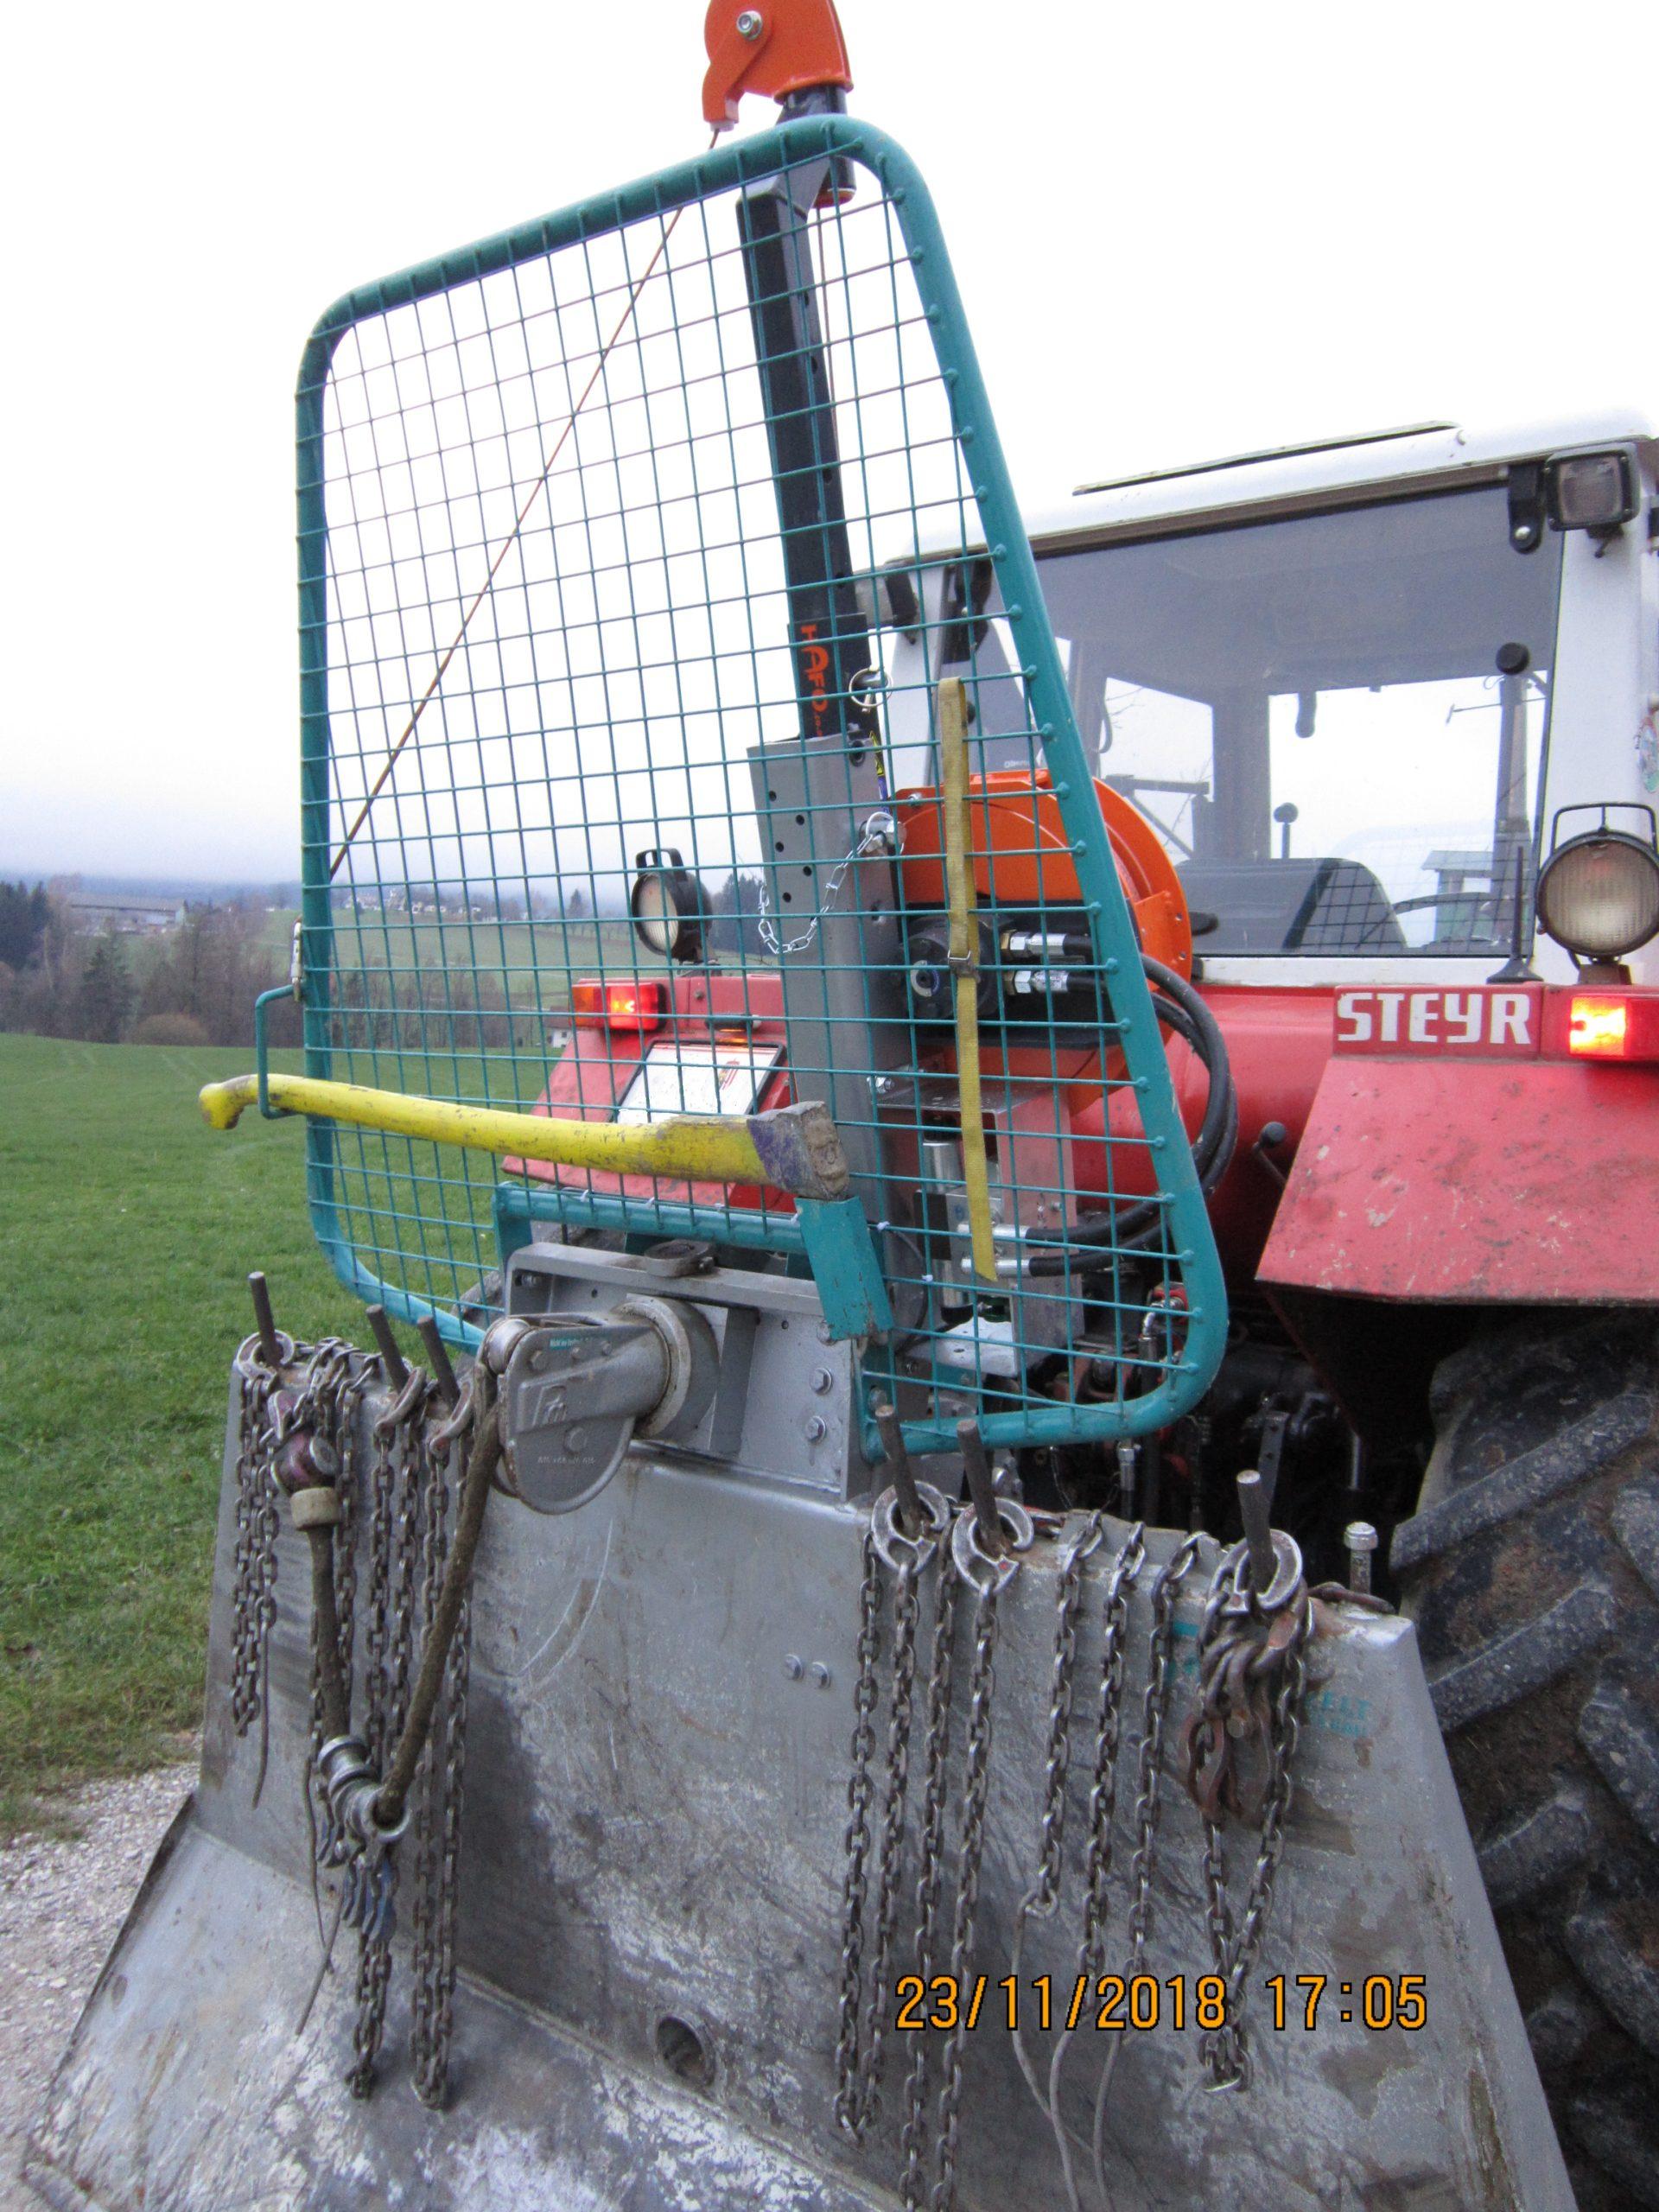 Getriebeseilwinde auf Steyr Traktor